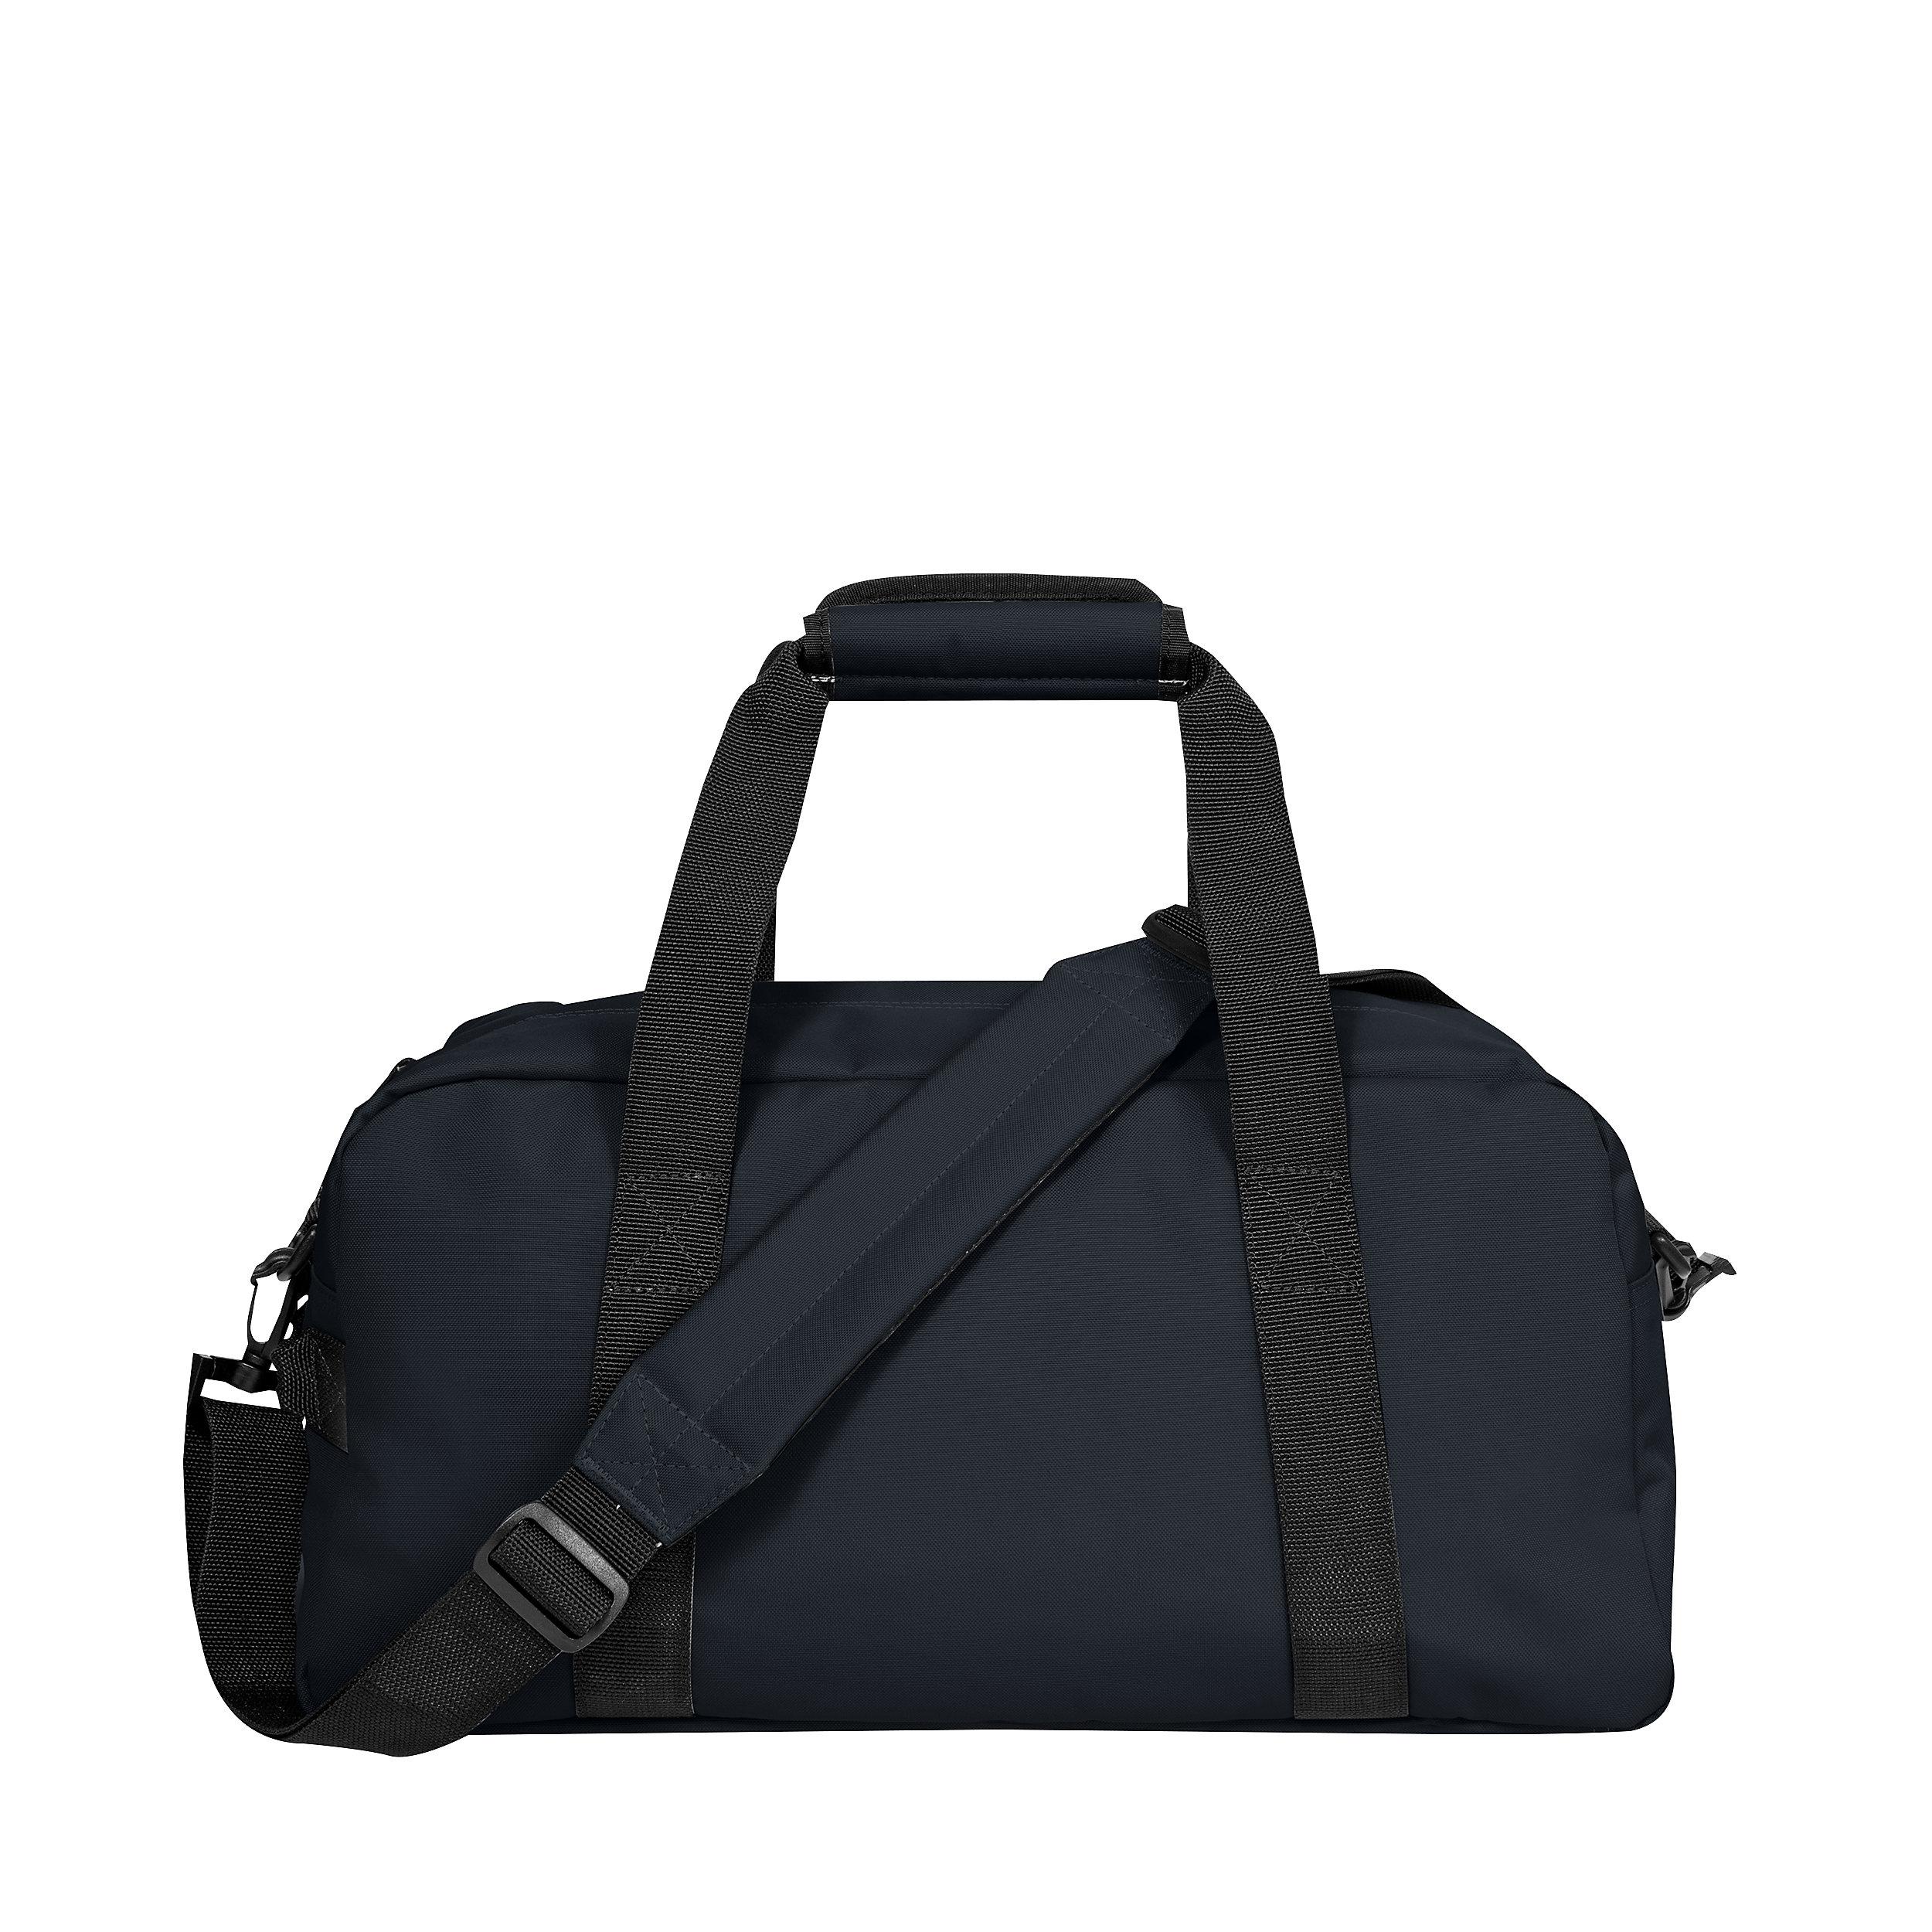 Reisetasche Compact + 24 Liter